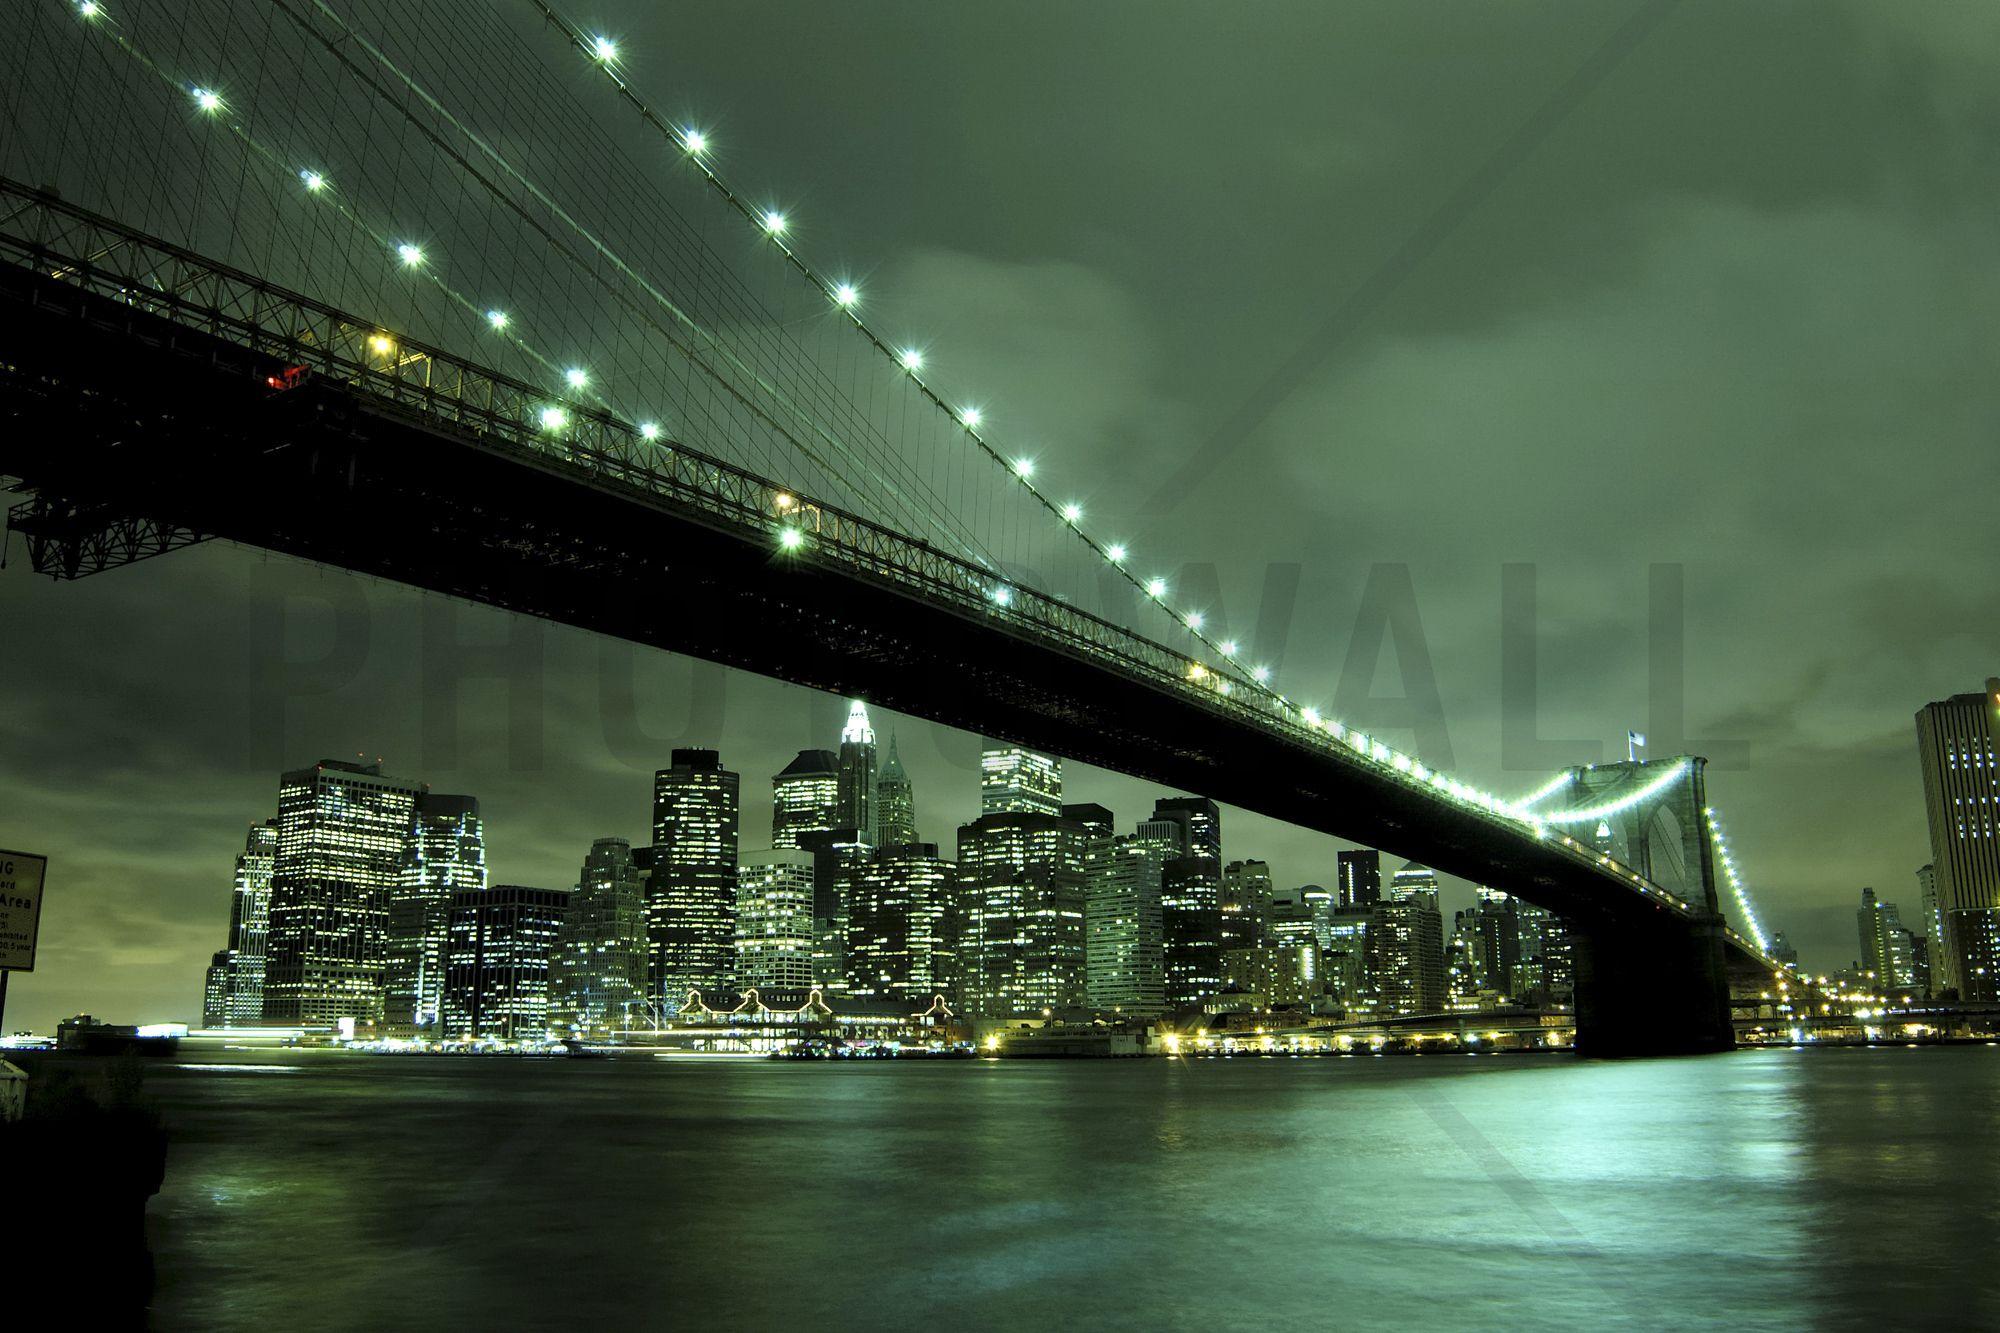 Brooklyn Bridge at Night Green - Tapetit / tapetti - Photowall